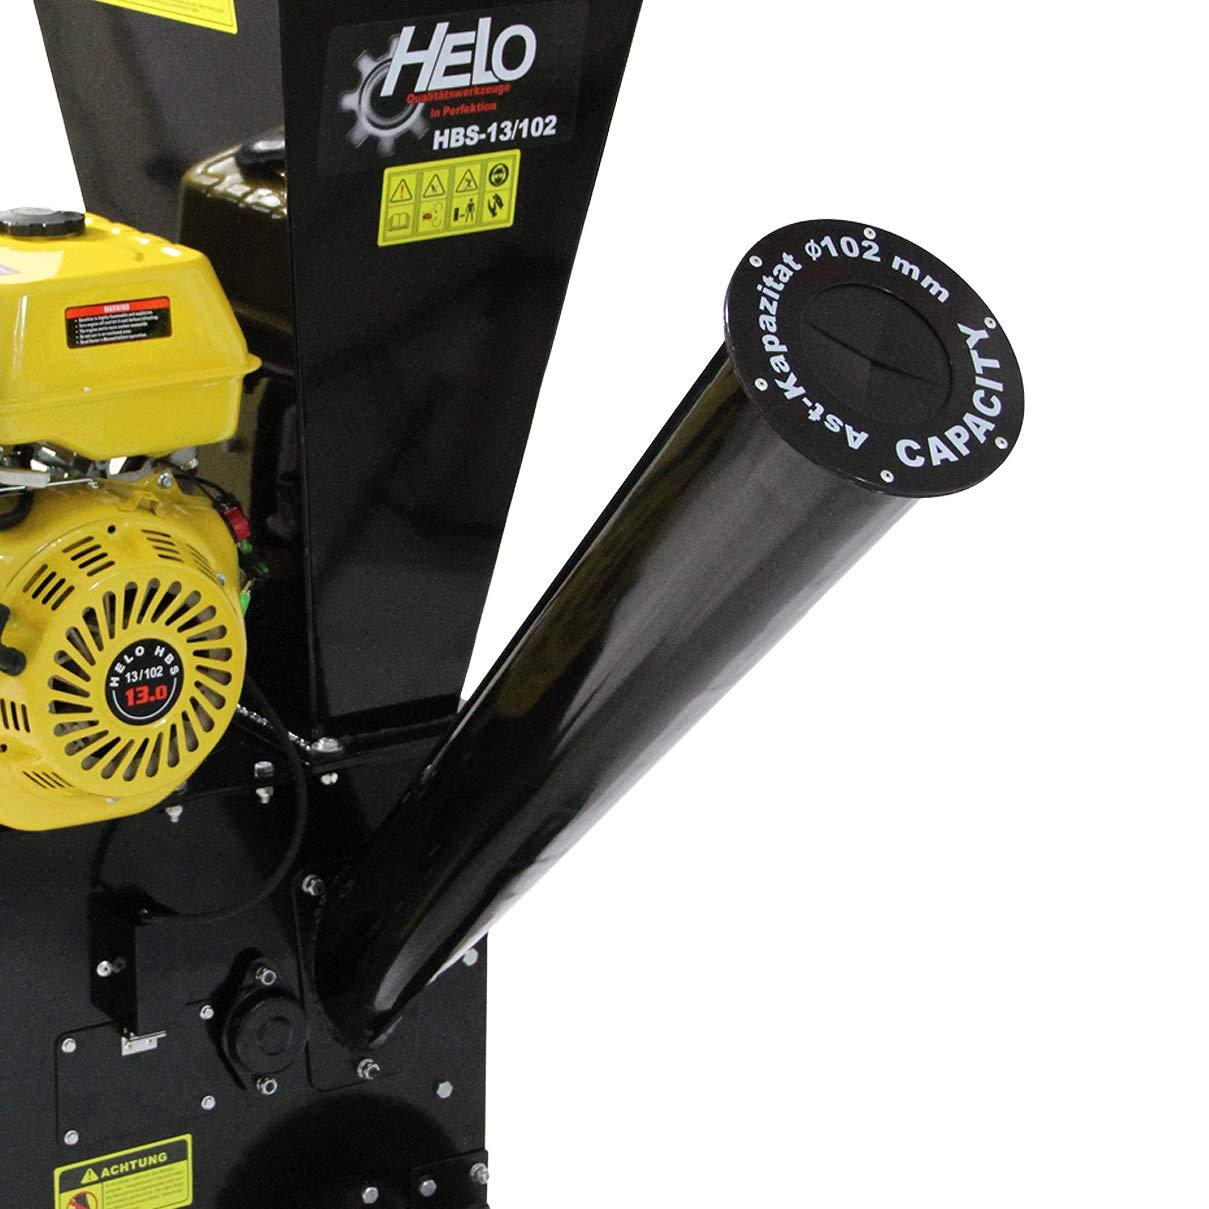 Helo Hbs 13 102 Benzin Gartenhacksler Mit 13 Ps Benzin Motor 22